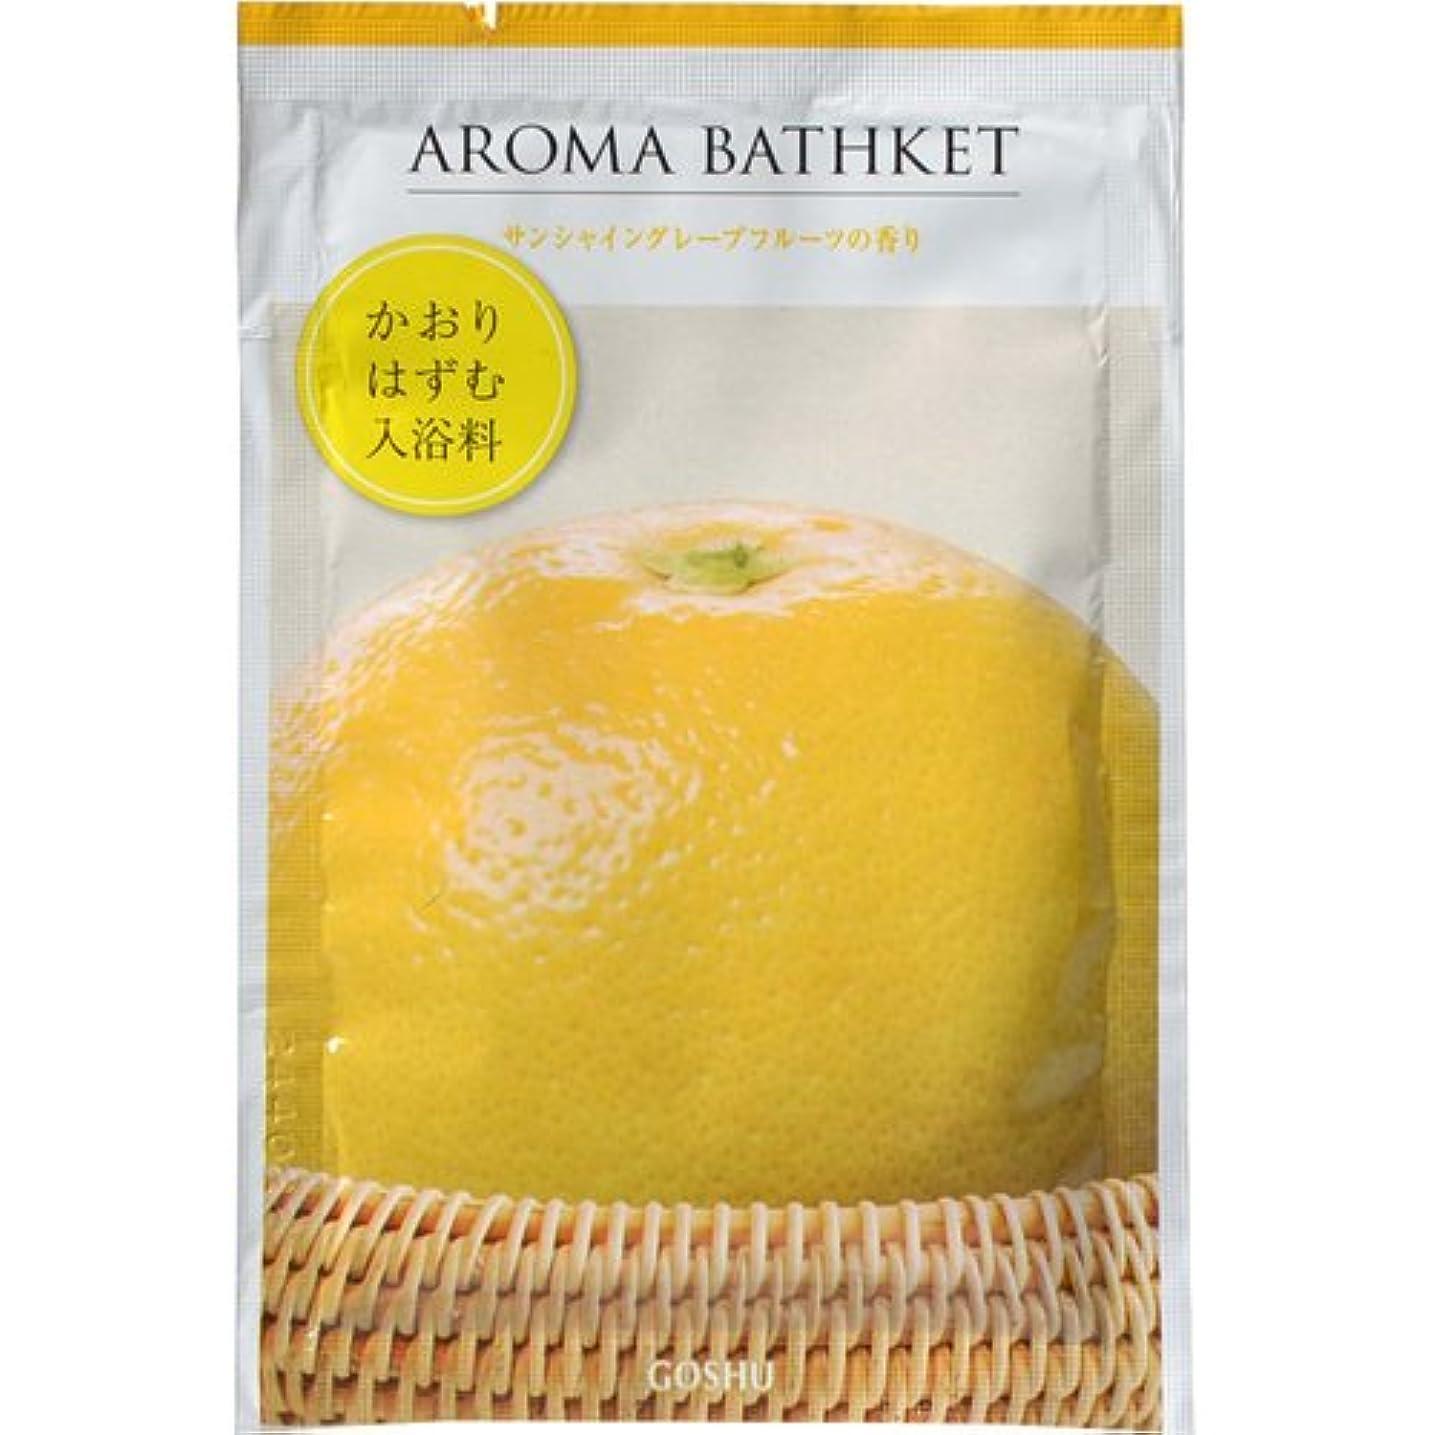 望みスライムに向けて出発アロマバスケット サンシャイングレープフルーツの香り 25g